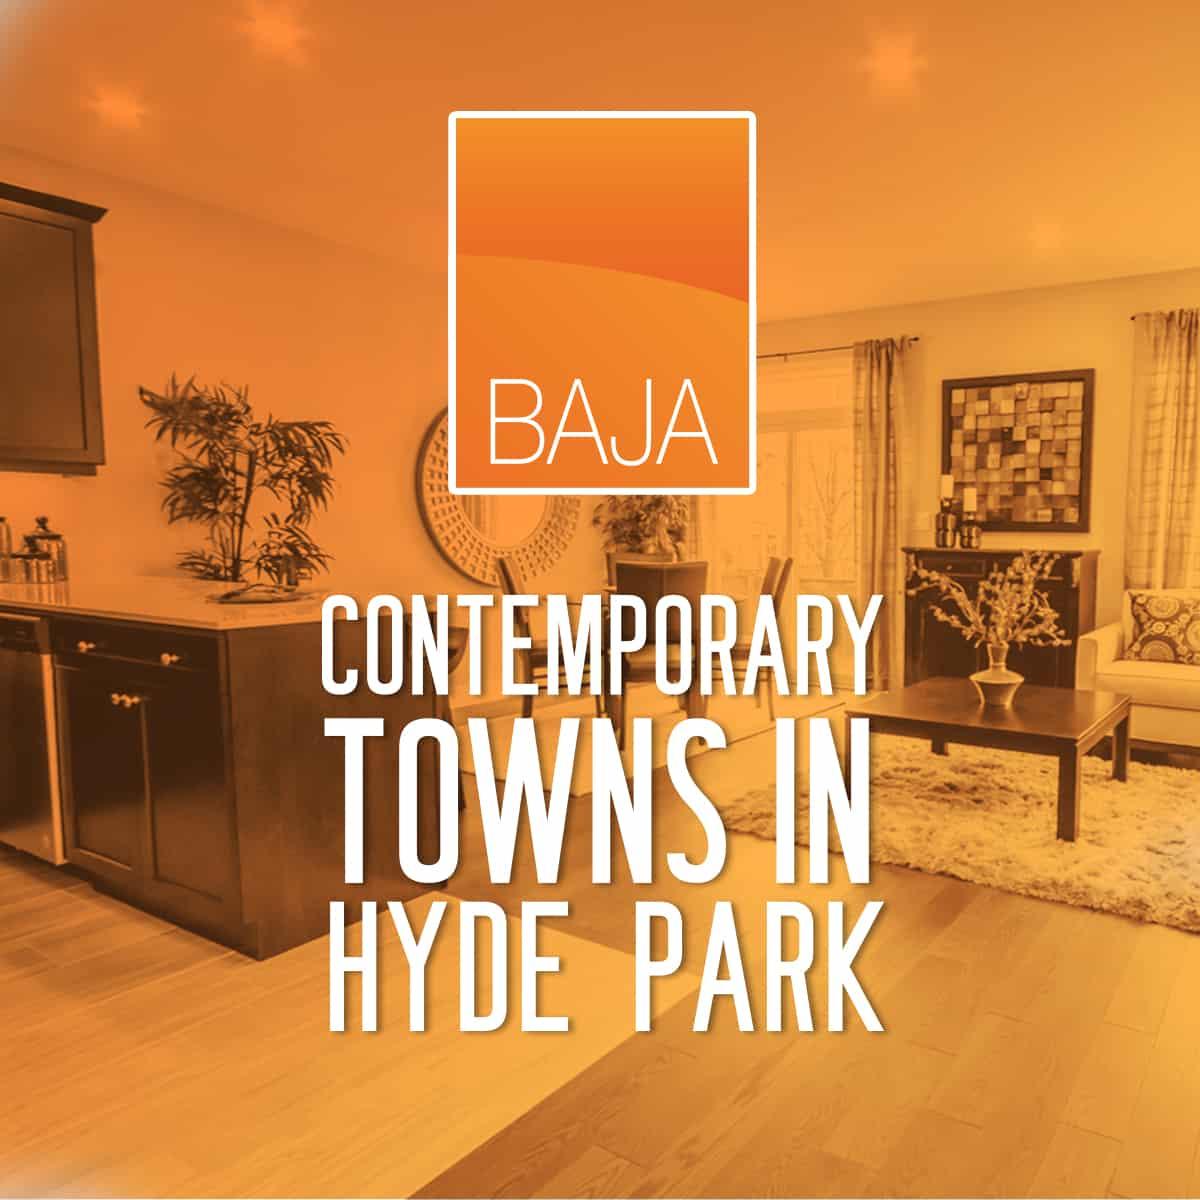 BAJA Open House Ad